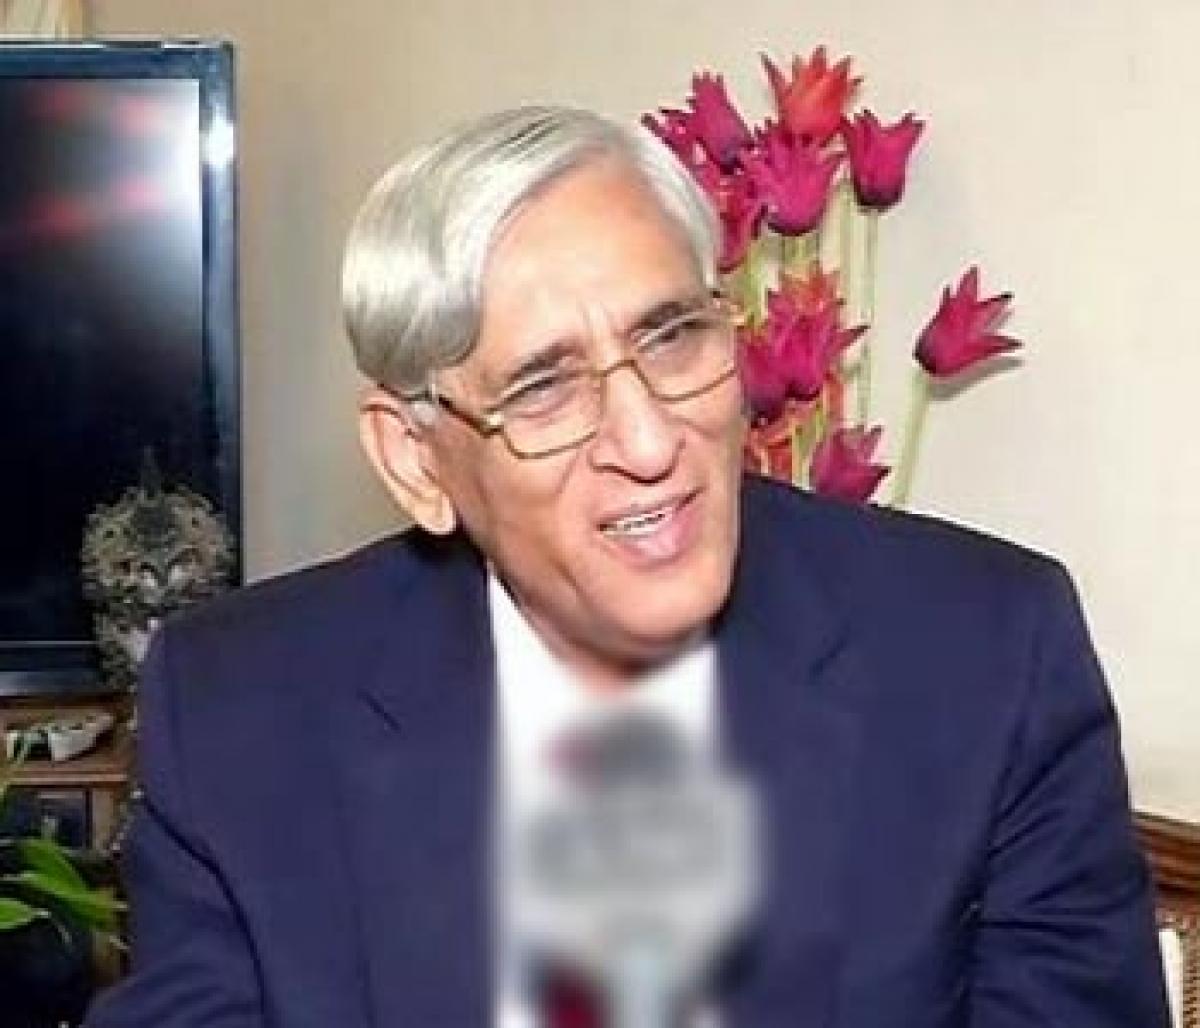 Parrikars OROP comment upsets Defence expert